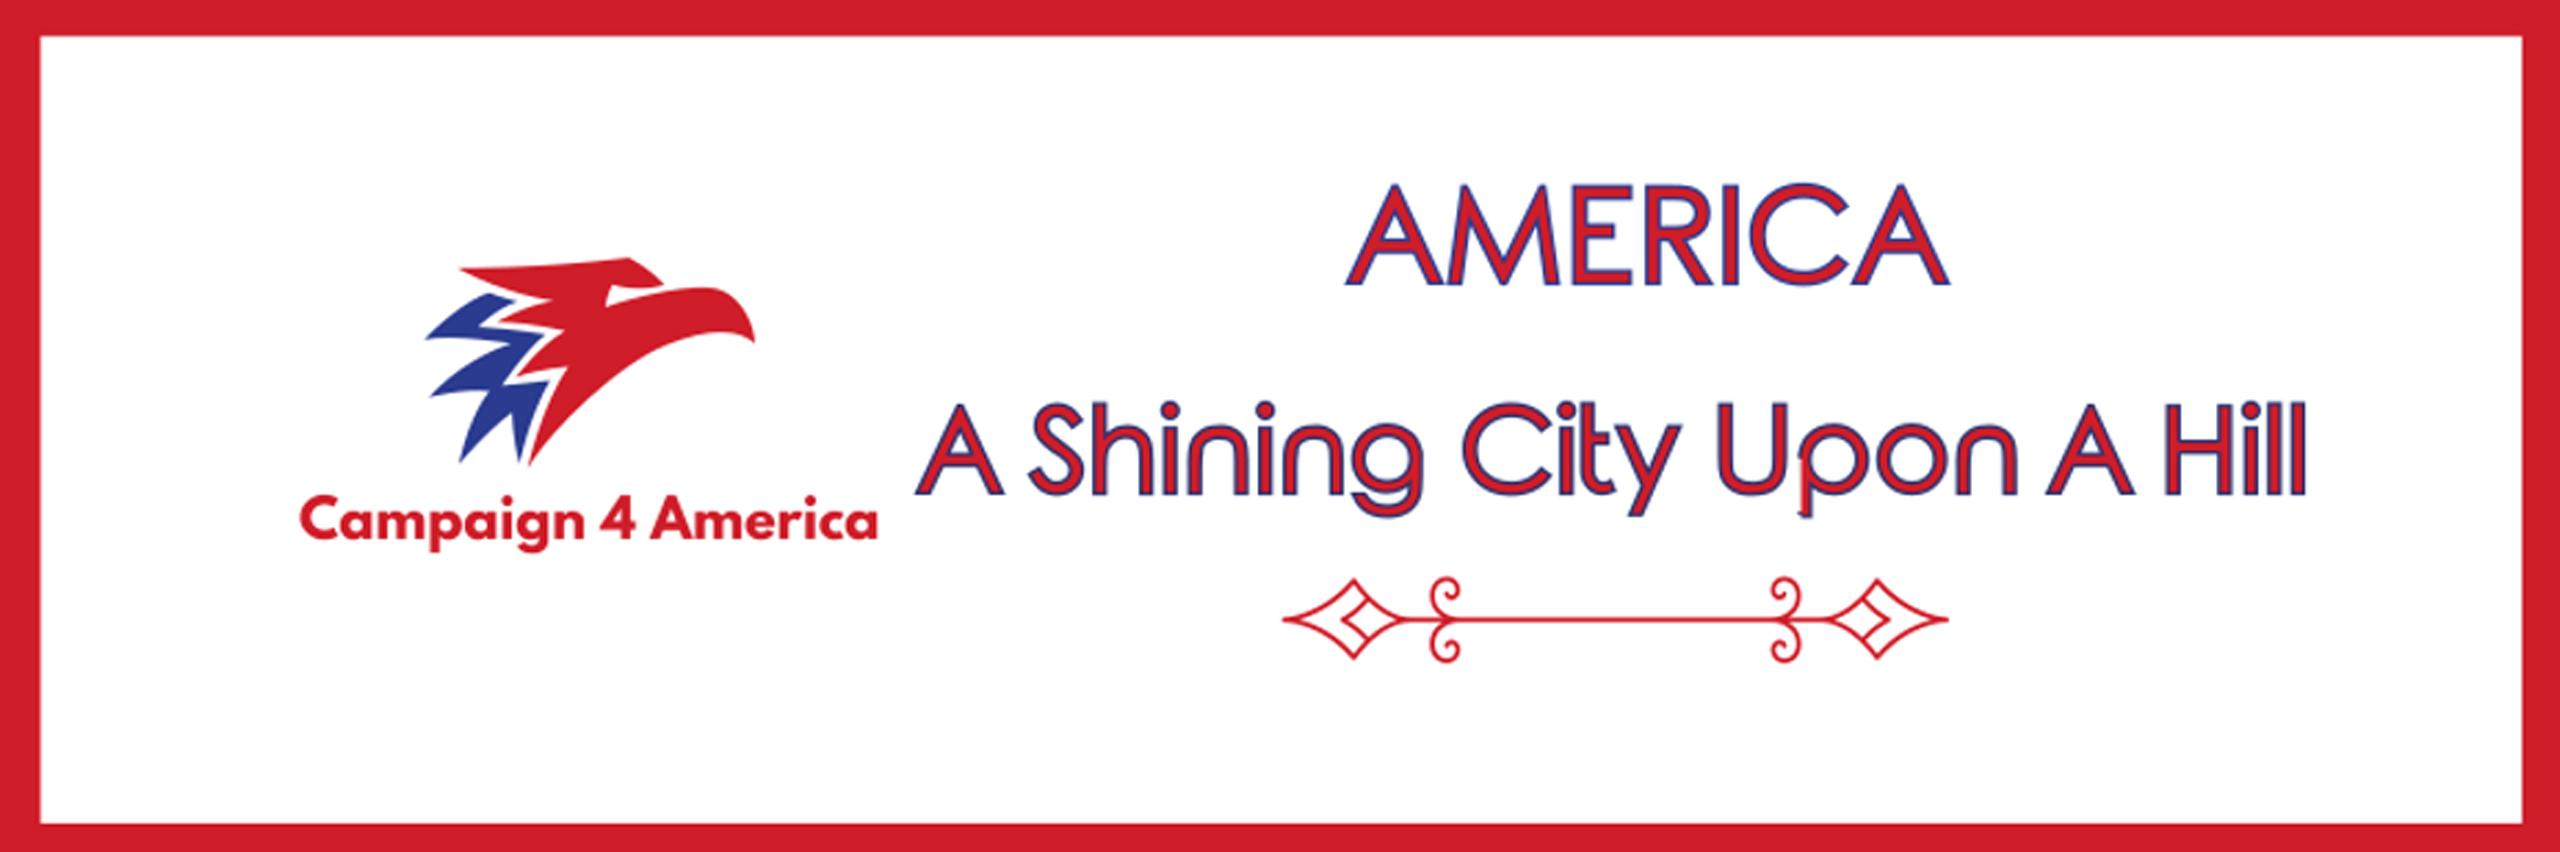 Campaign4America-header2-1